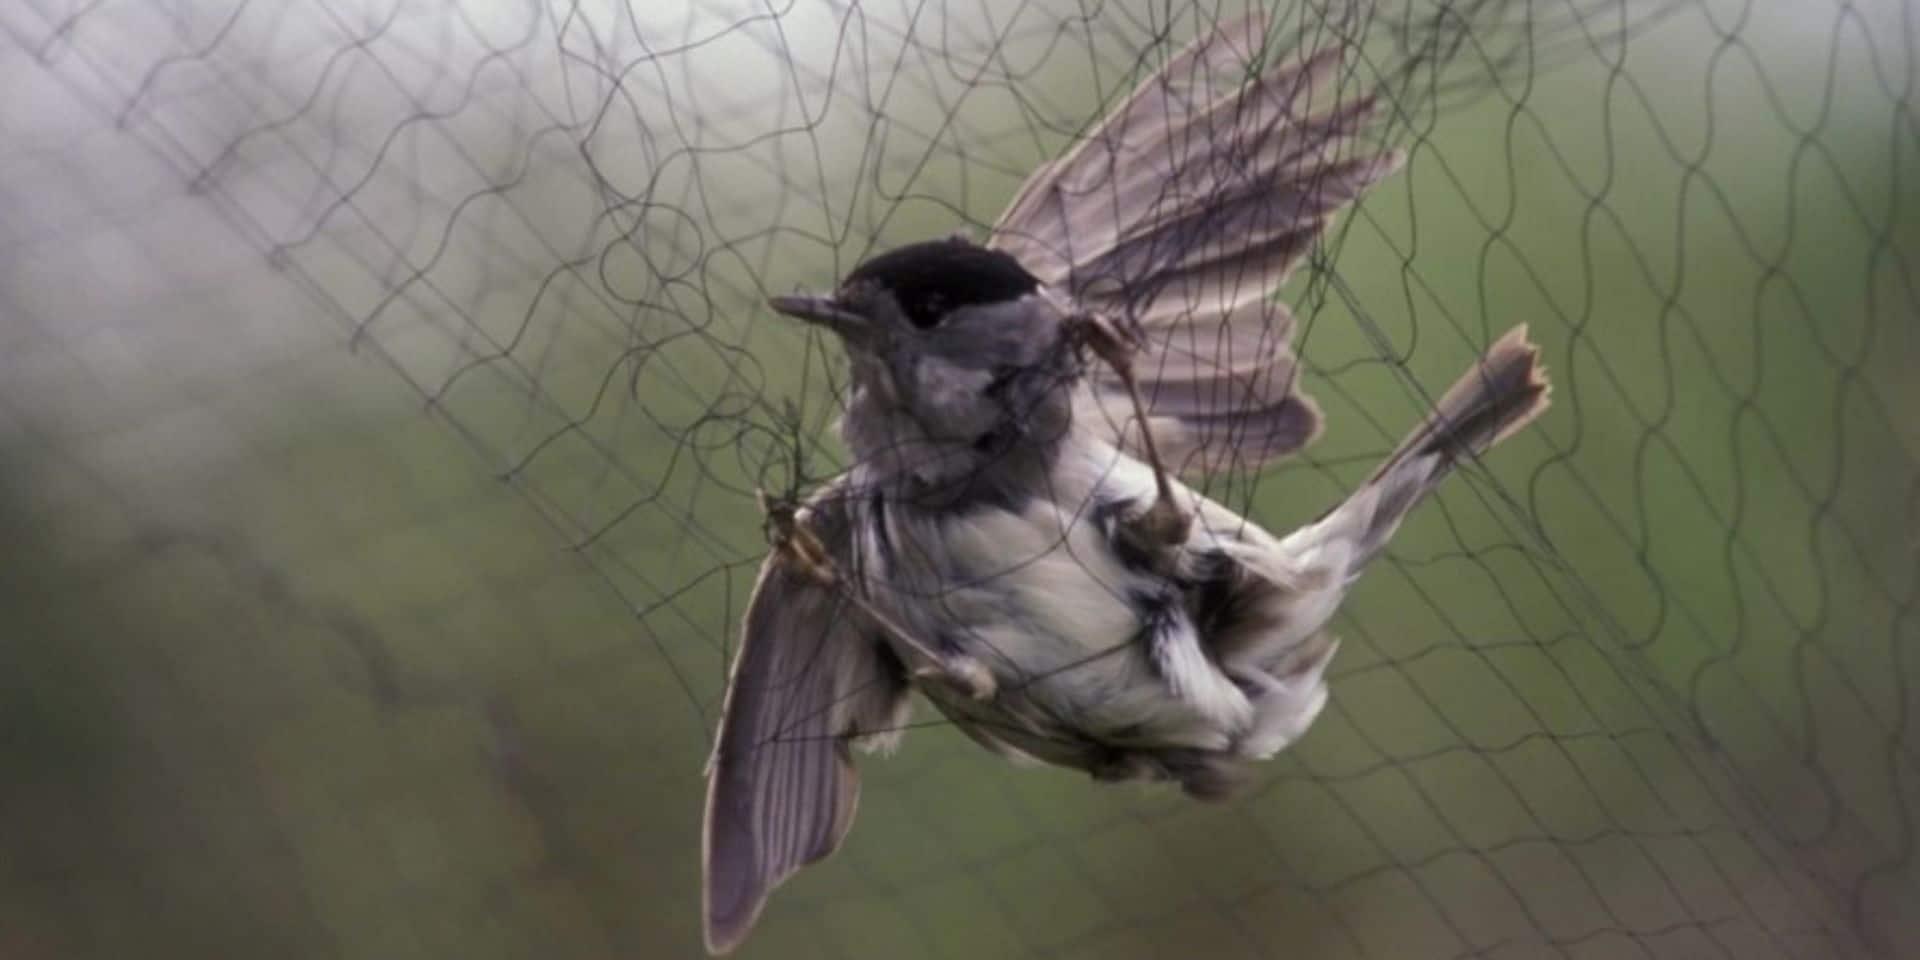 Bastogne : un ancien échevin surpris en train de capturer illégalement des oiseaux